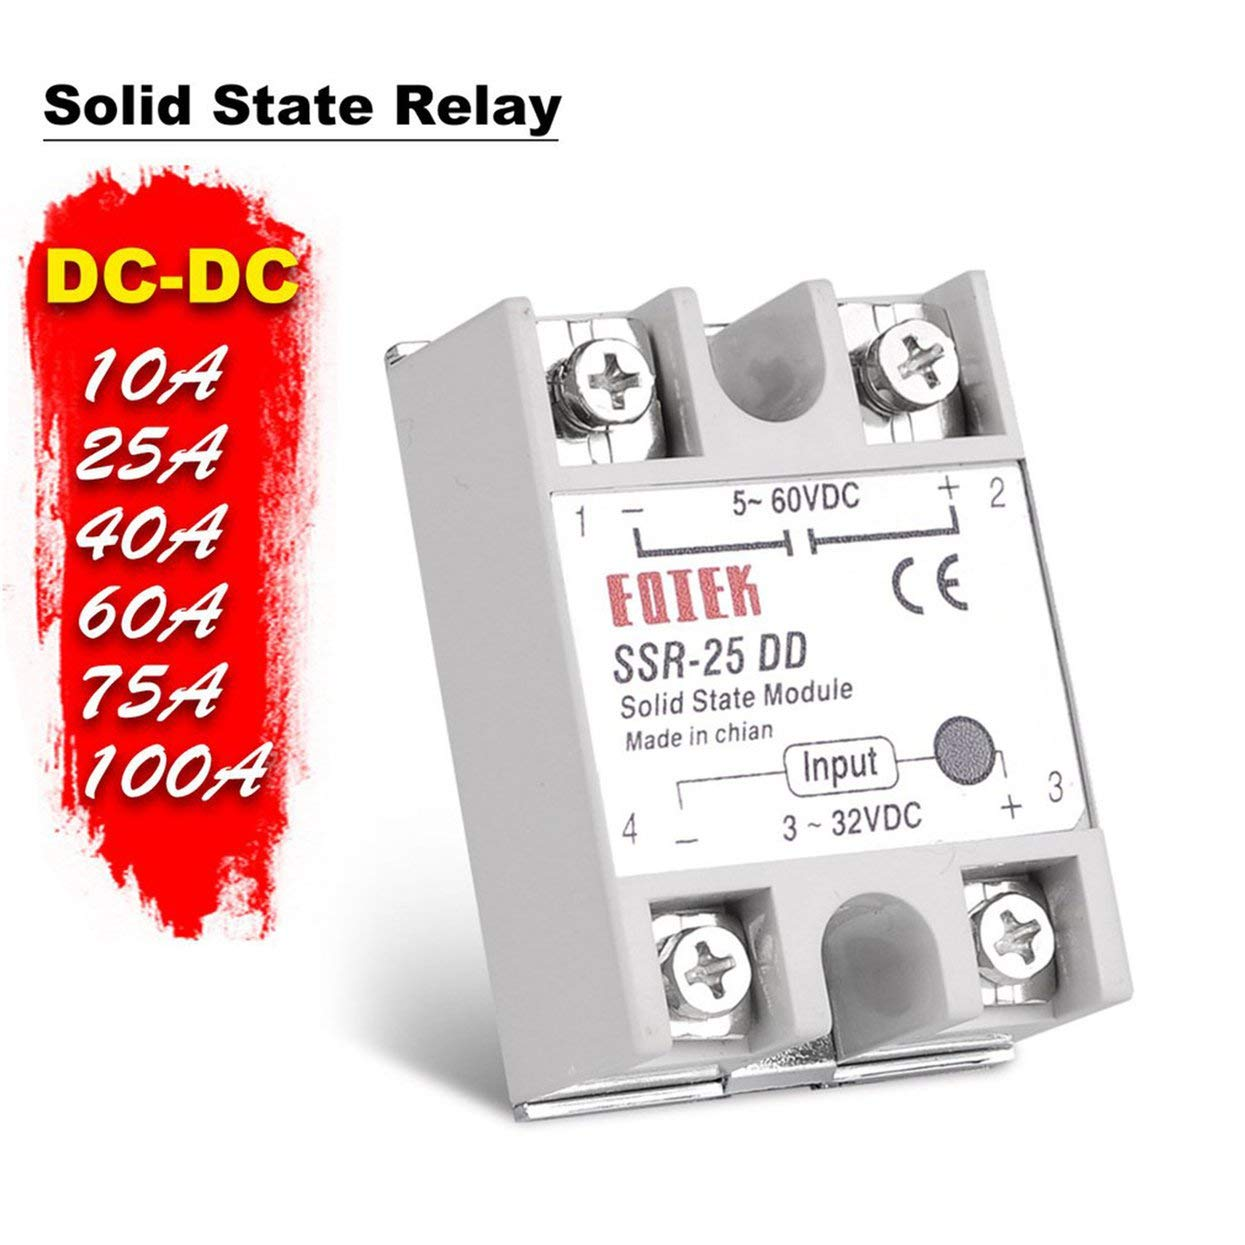 Tree-on-Life Halbleiterrelais SSR-10DD SSR-25DD SSR-40DD SSR-60DD SSR-80DD SSR-100DD 3-32 VDC BIS 5-60 VDC SSR 3-25 mA